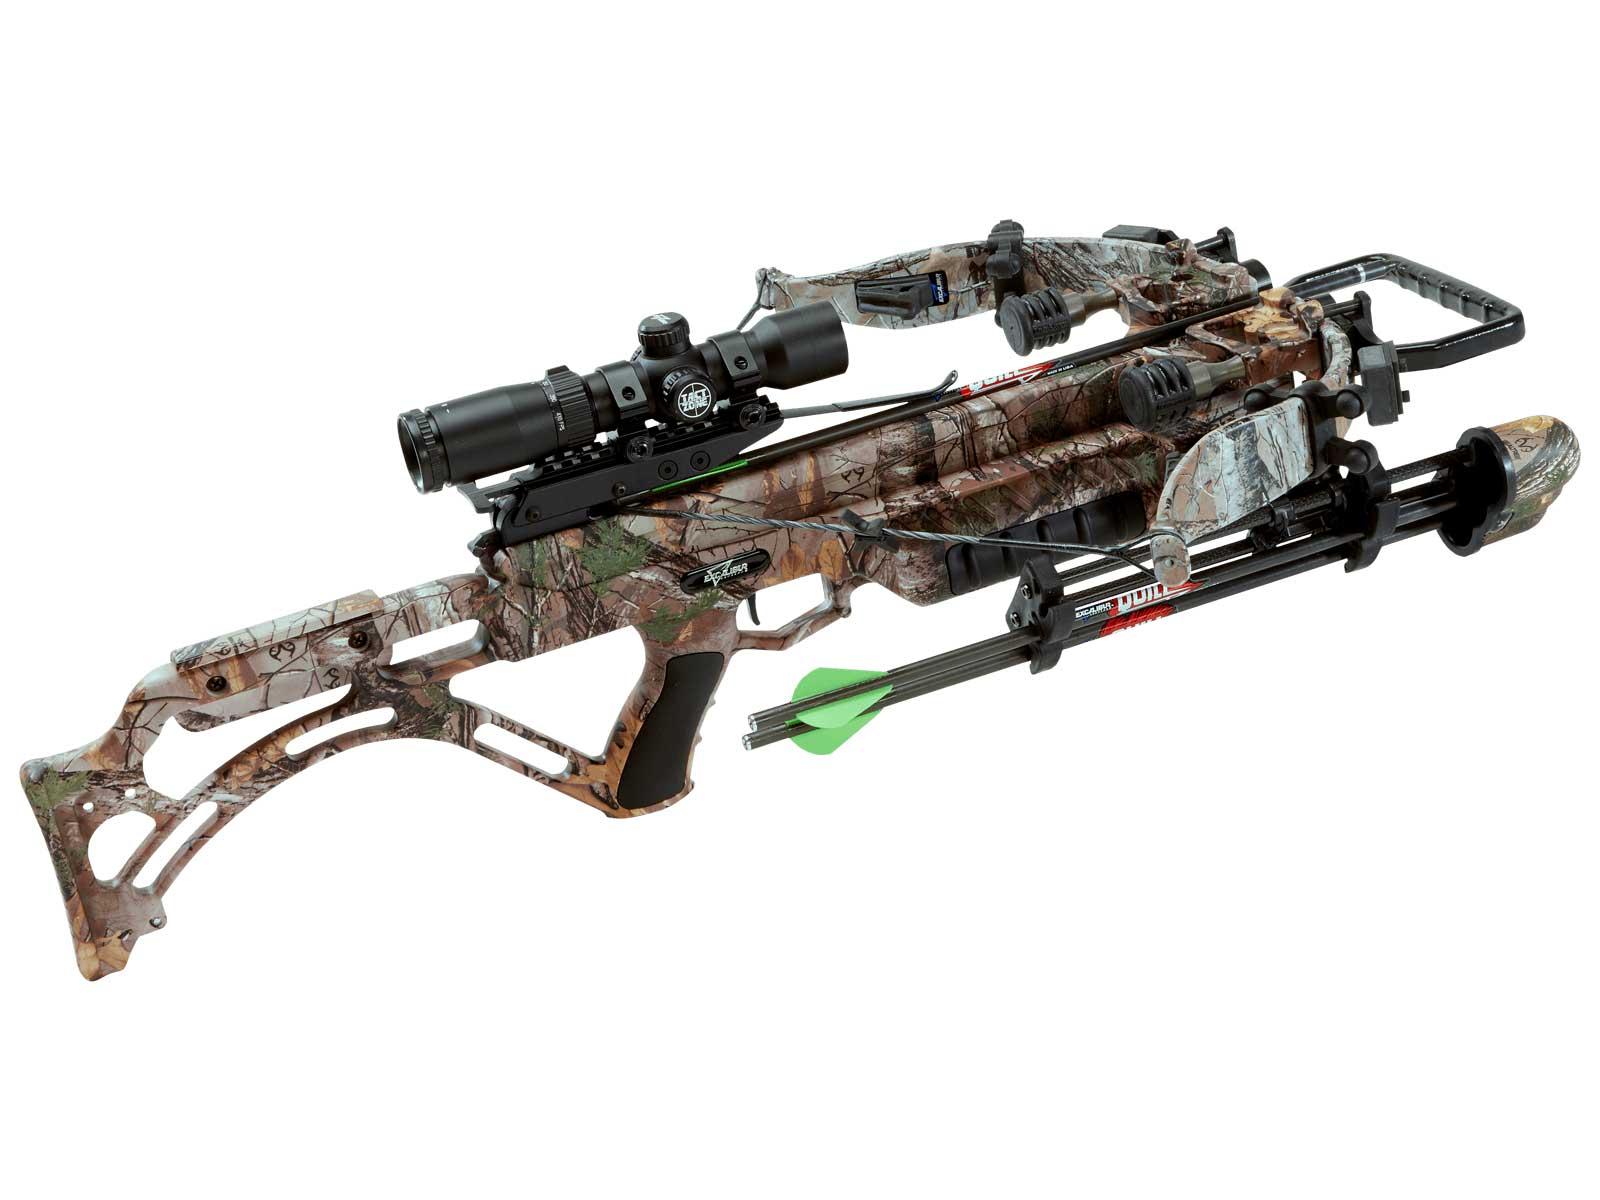 Купить арбалет Excalibur Micro Suppressor по низкой цене